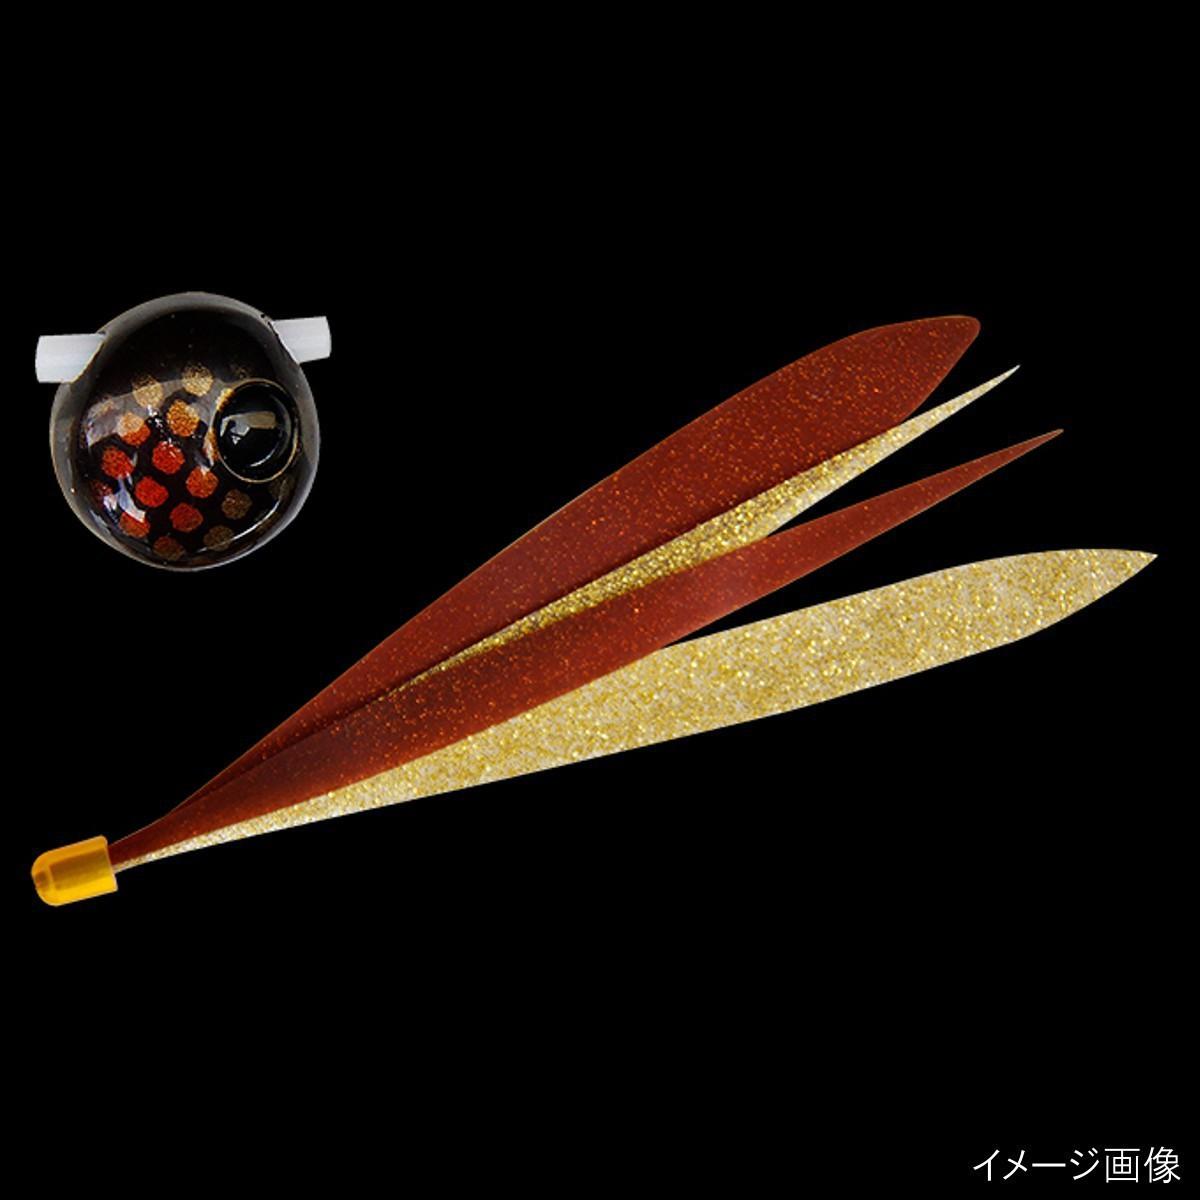 ジャッカル ビンビン玉スライド Wアピール 120g ダークコーラ/カニ&タコシルエット